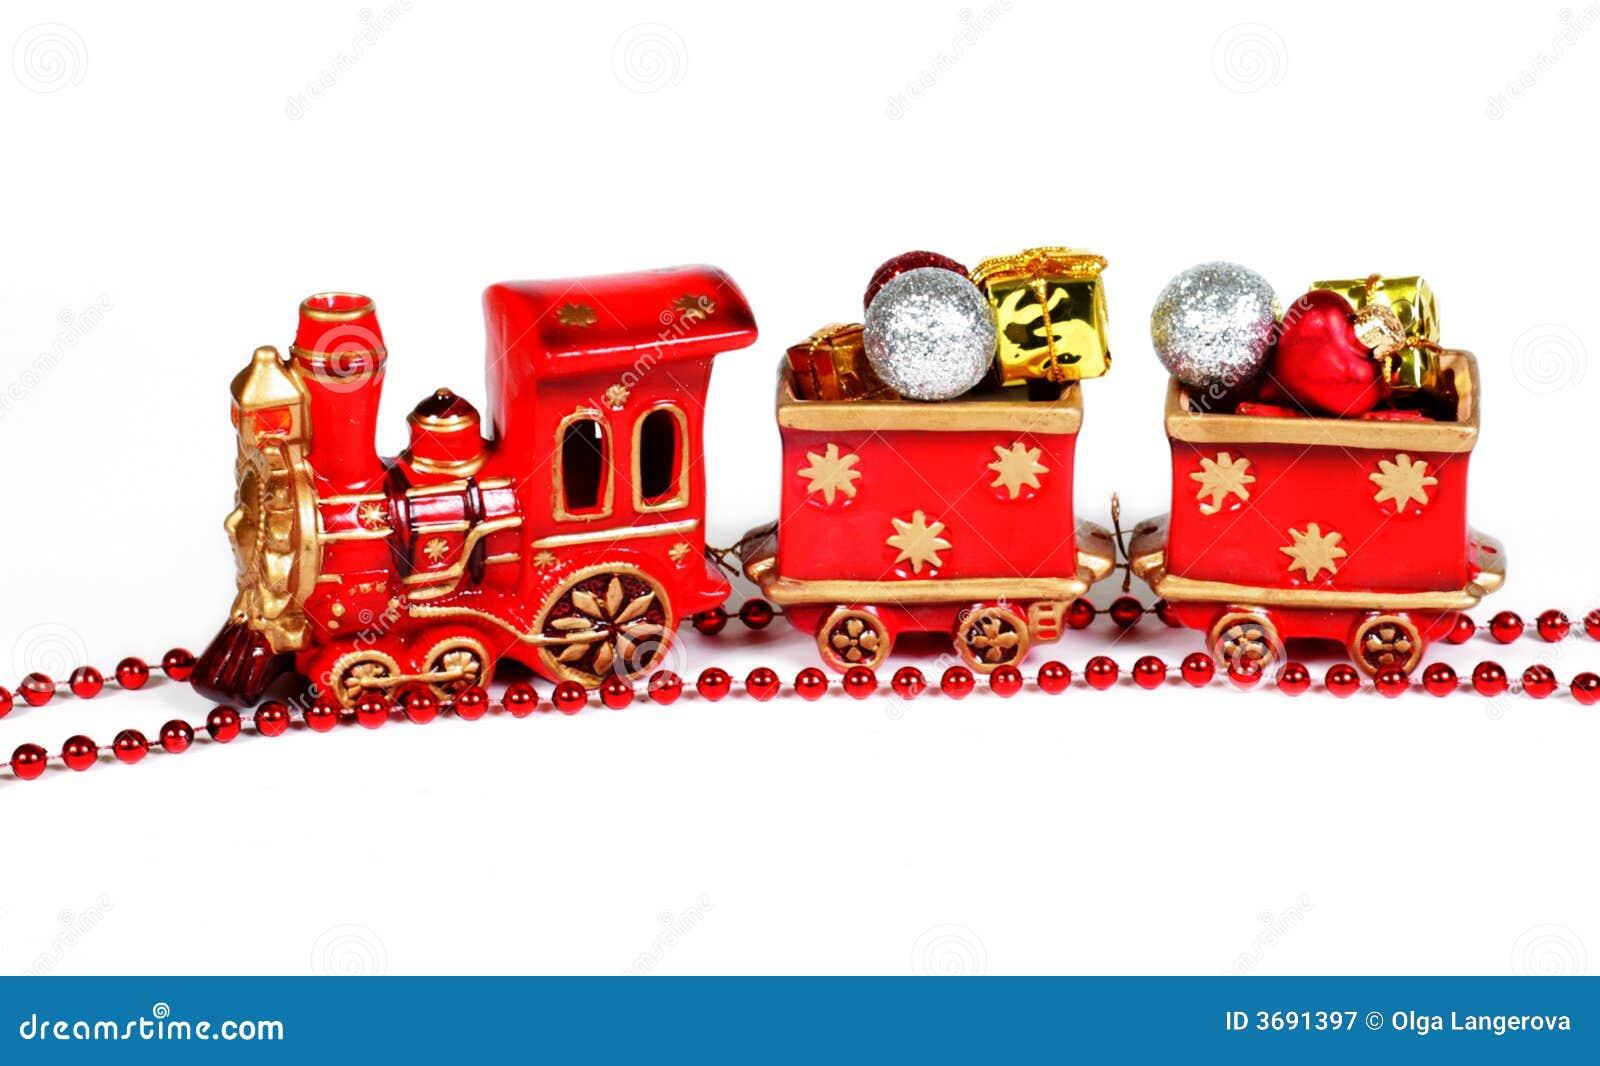 #B91312 Décoration De Noël Train Rouge Photographie Stock Libre  6083 decoration de noel train electrique 1300x883 px @ aertt.com